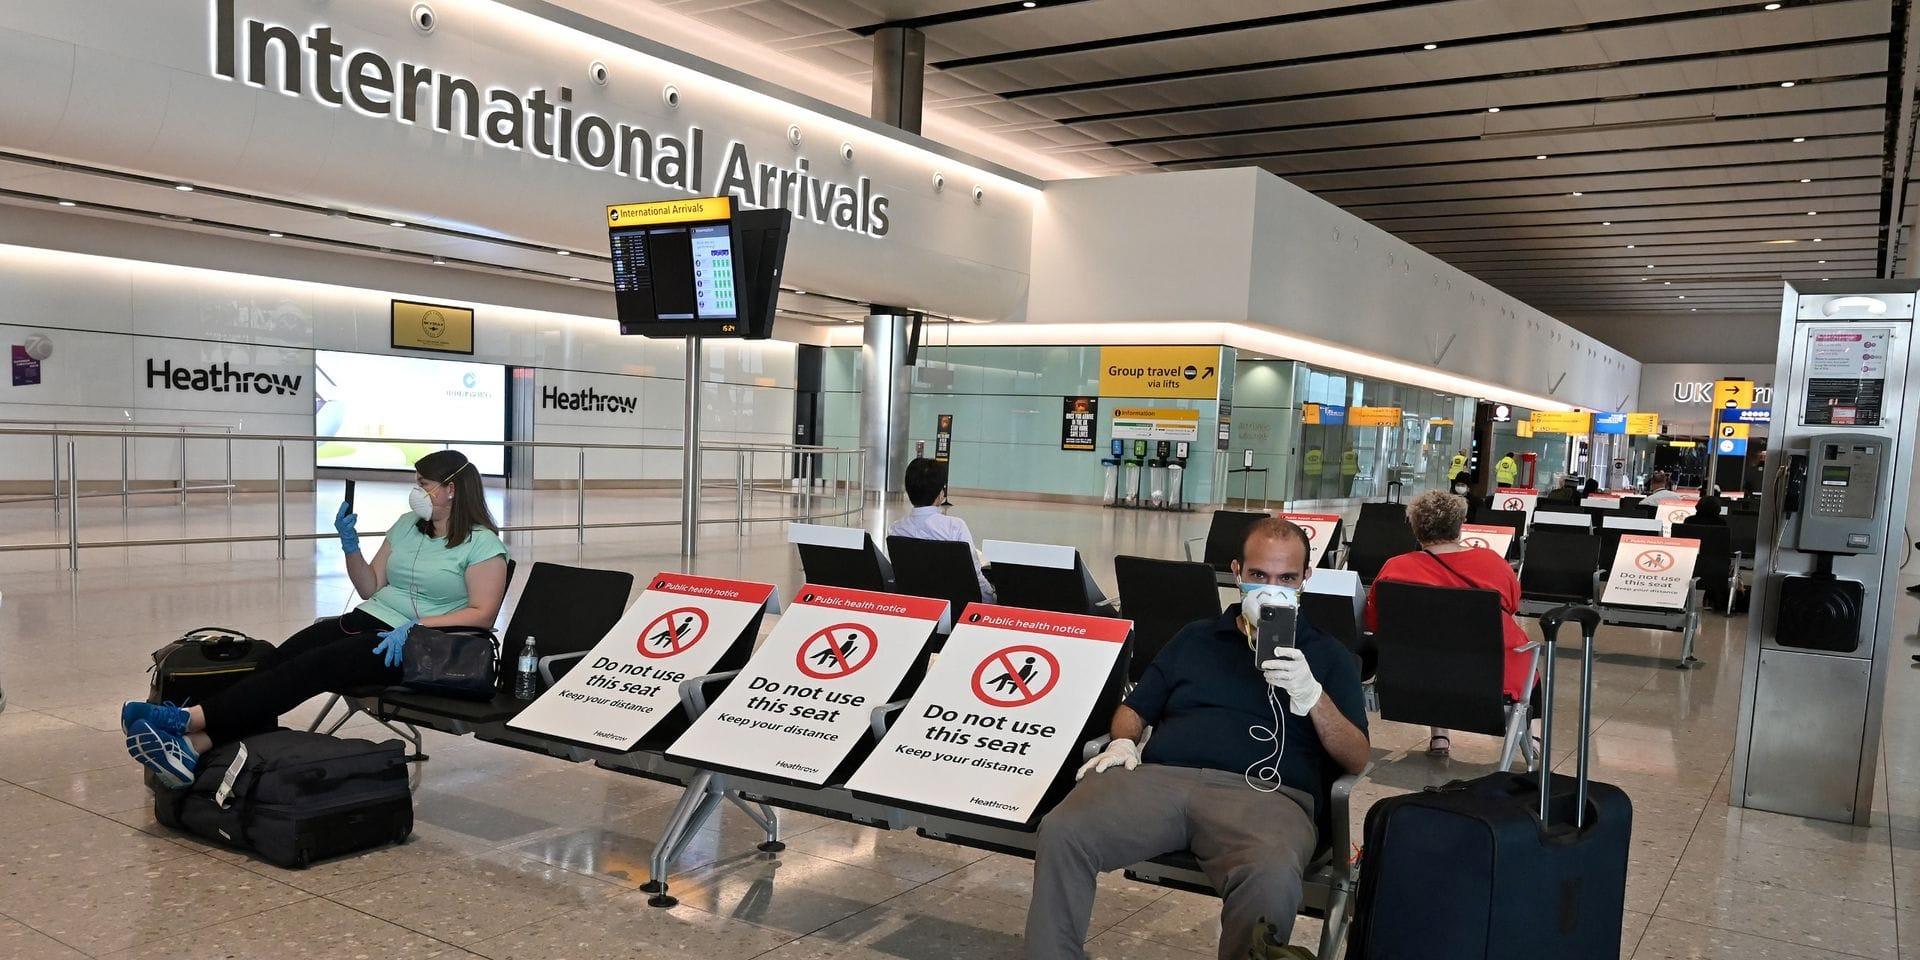 Le nombre de passagers a chuté de 73 % à 22,1 millions, dont la moitié avait voyagé entre janvier et février, avant l'explosion de la pandémie.